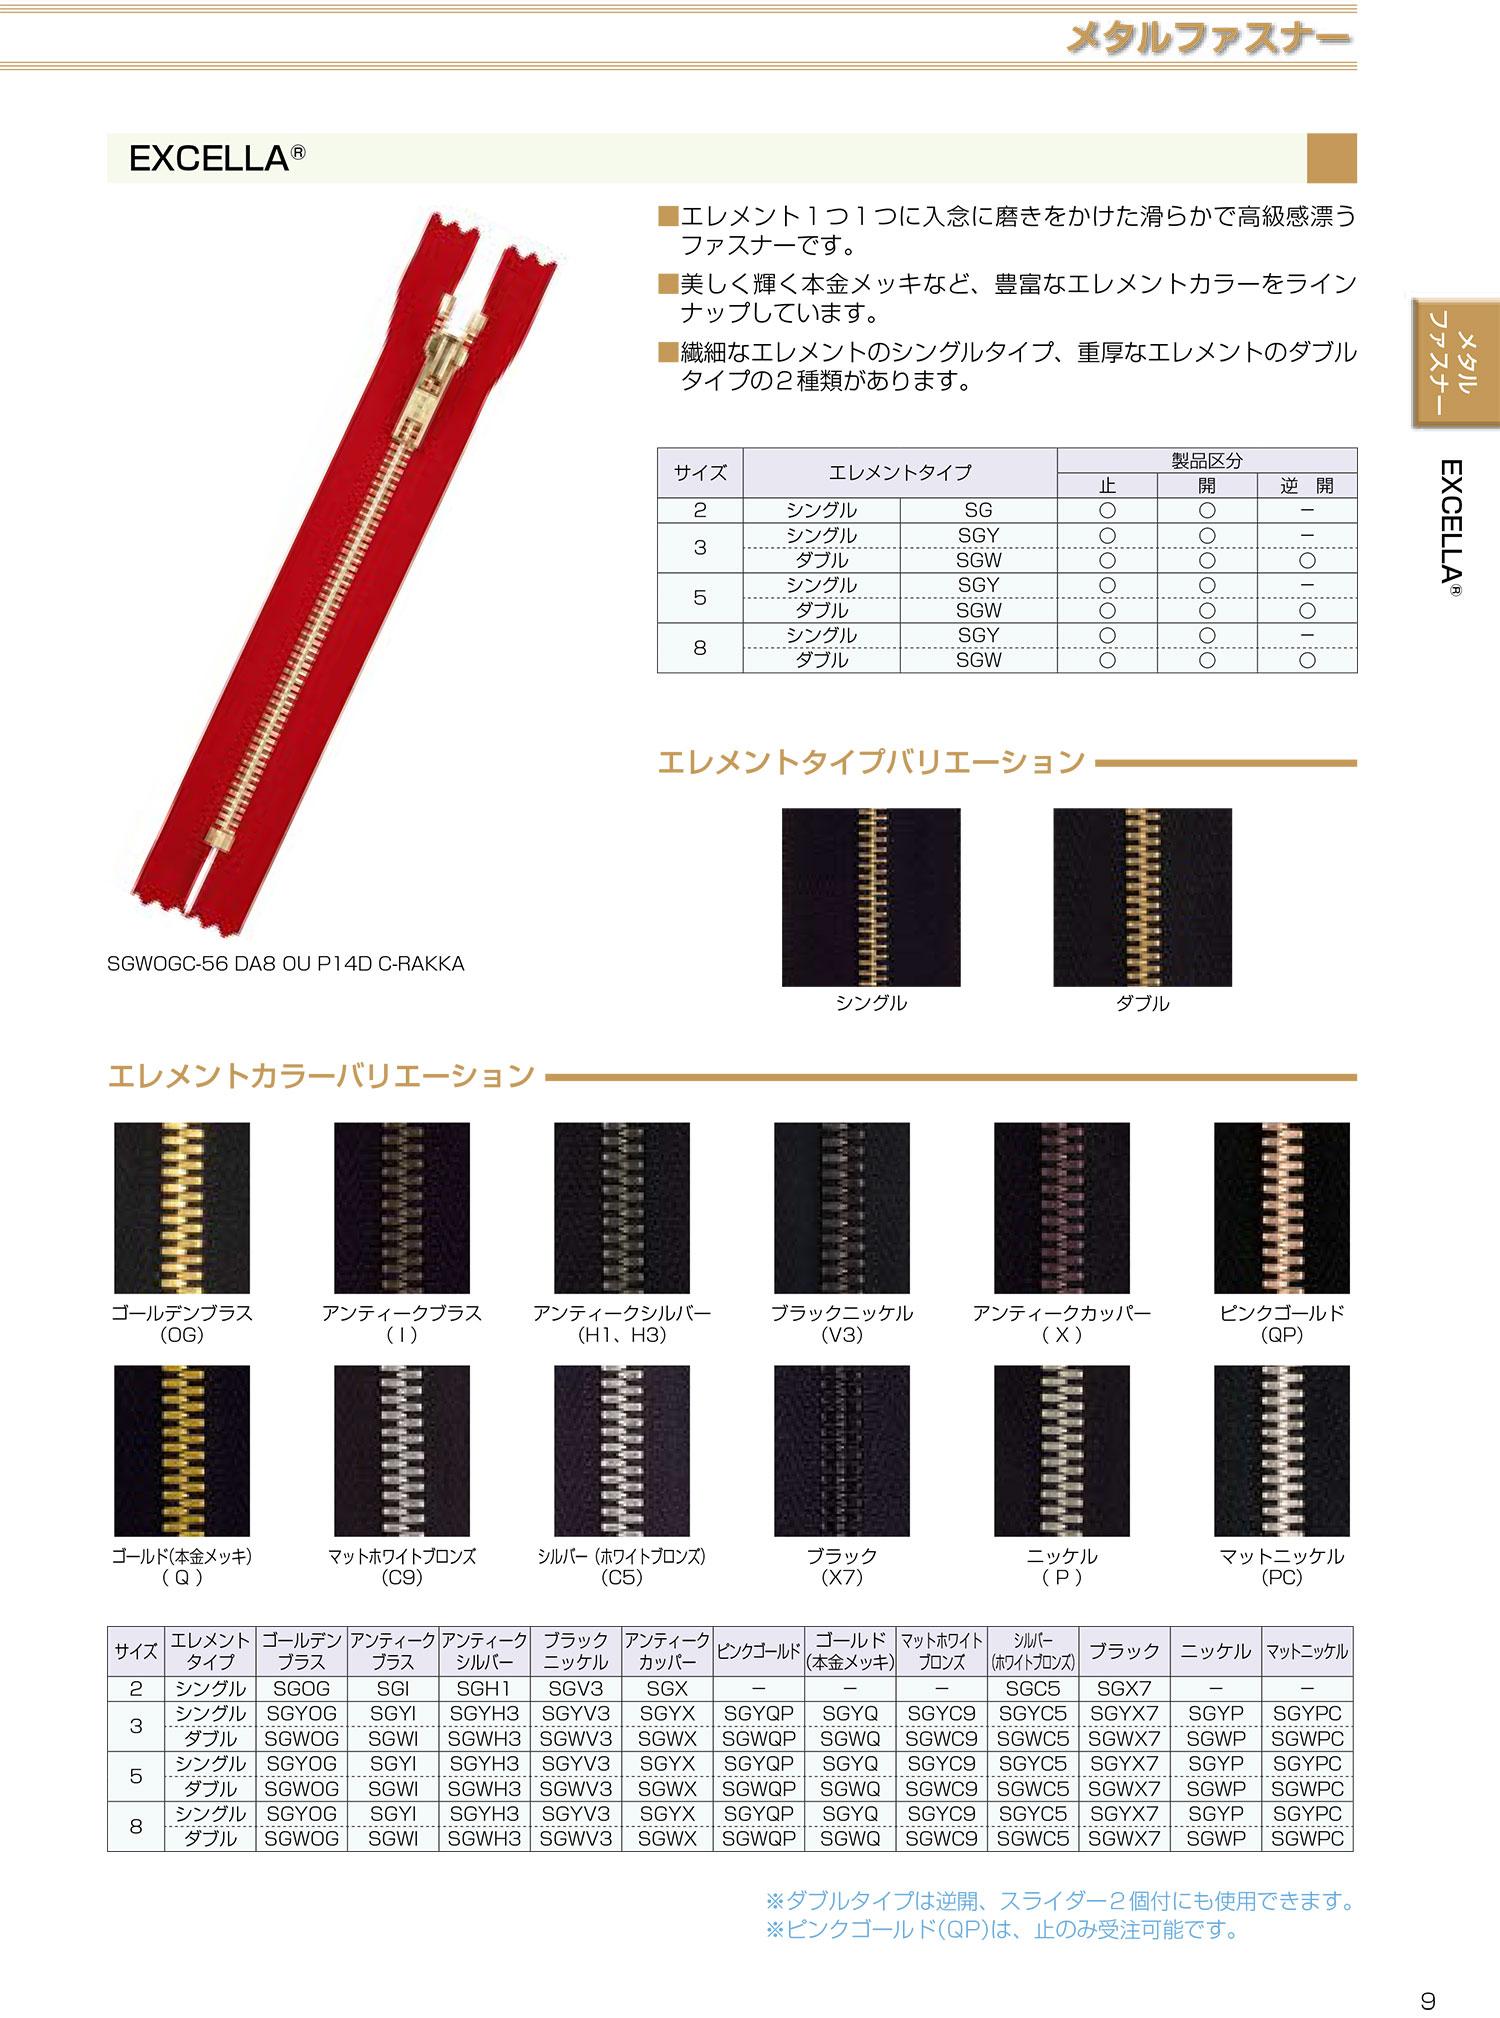 5SGWXC エクセラ 5サイズ アンティークカッパー 止め ダブル[ファスナー] YKK/オークラ商事 - ApparelX アパレル資材卸通販